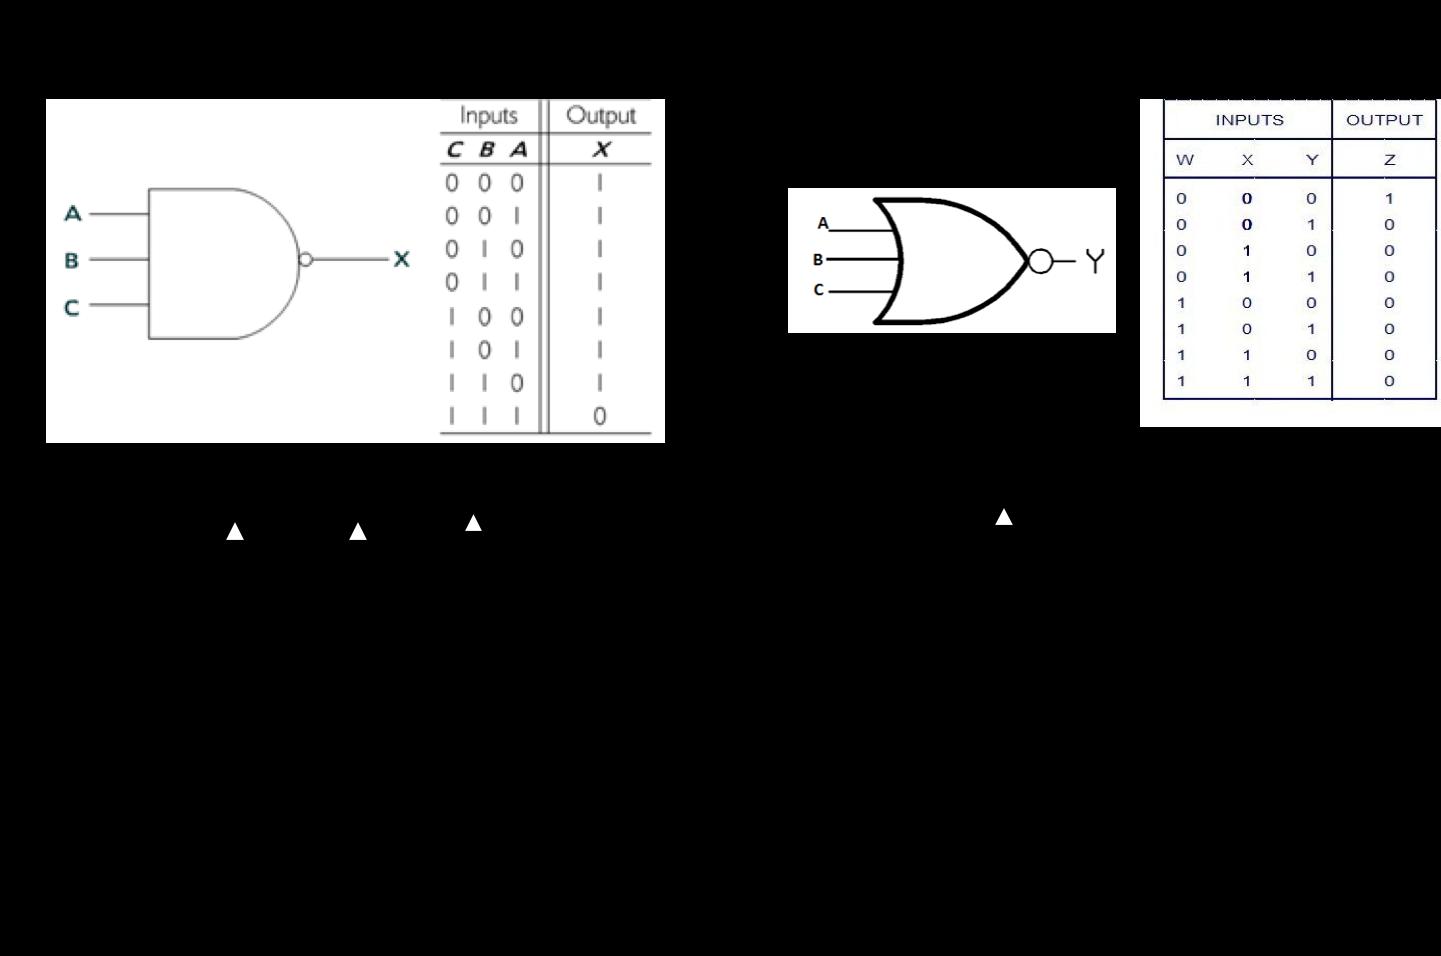 Schéma au niveau transistors de la NAND et la NOR à 3 entrées